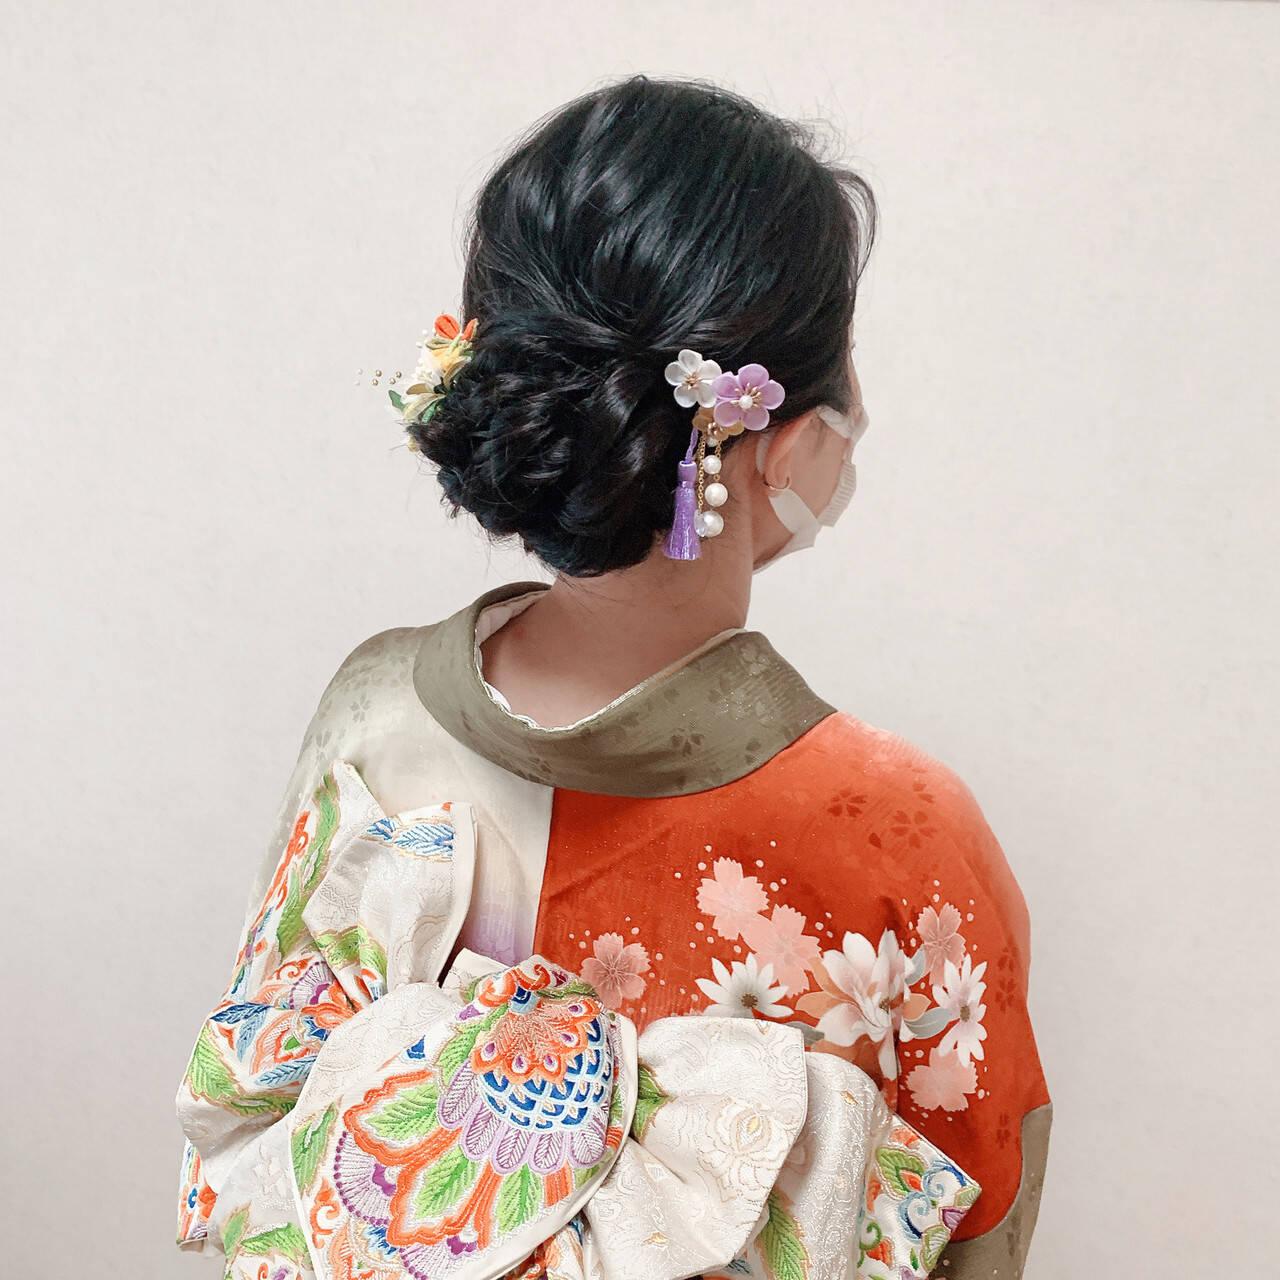 振袖ヘア エレガント 和装ヘア セミロングヘアスタイルや髪型の写真・画像